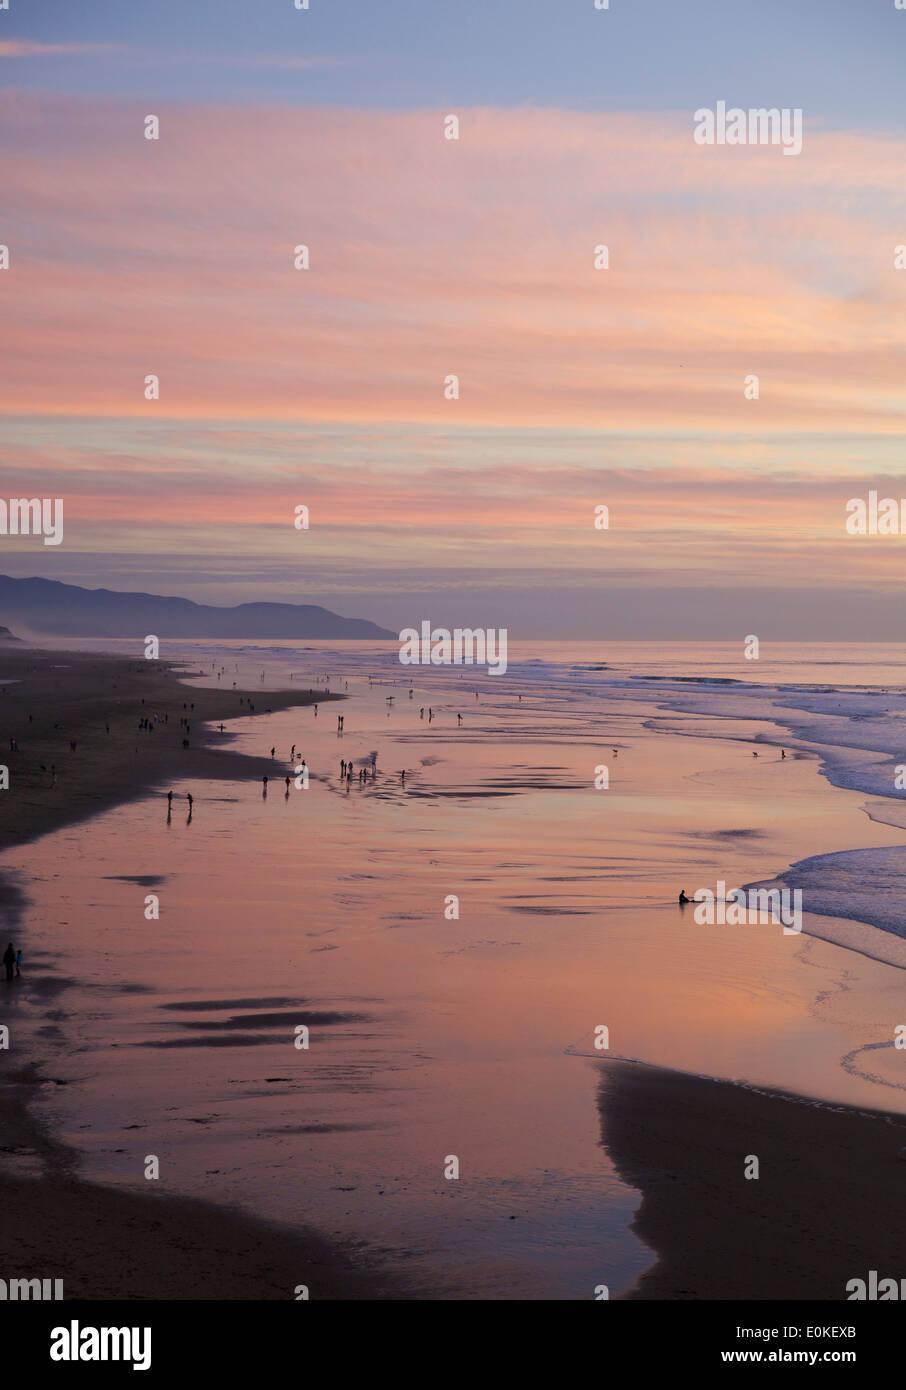 Les gens qui marchent le long de la côte sont découpé sur un superbe coucher de soleil avec des couleurs de bleu, rose et violet et orange. Photo Stock